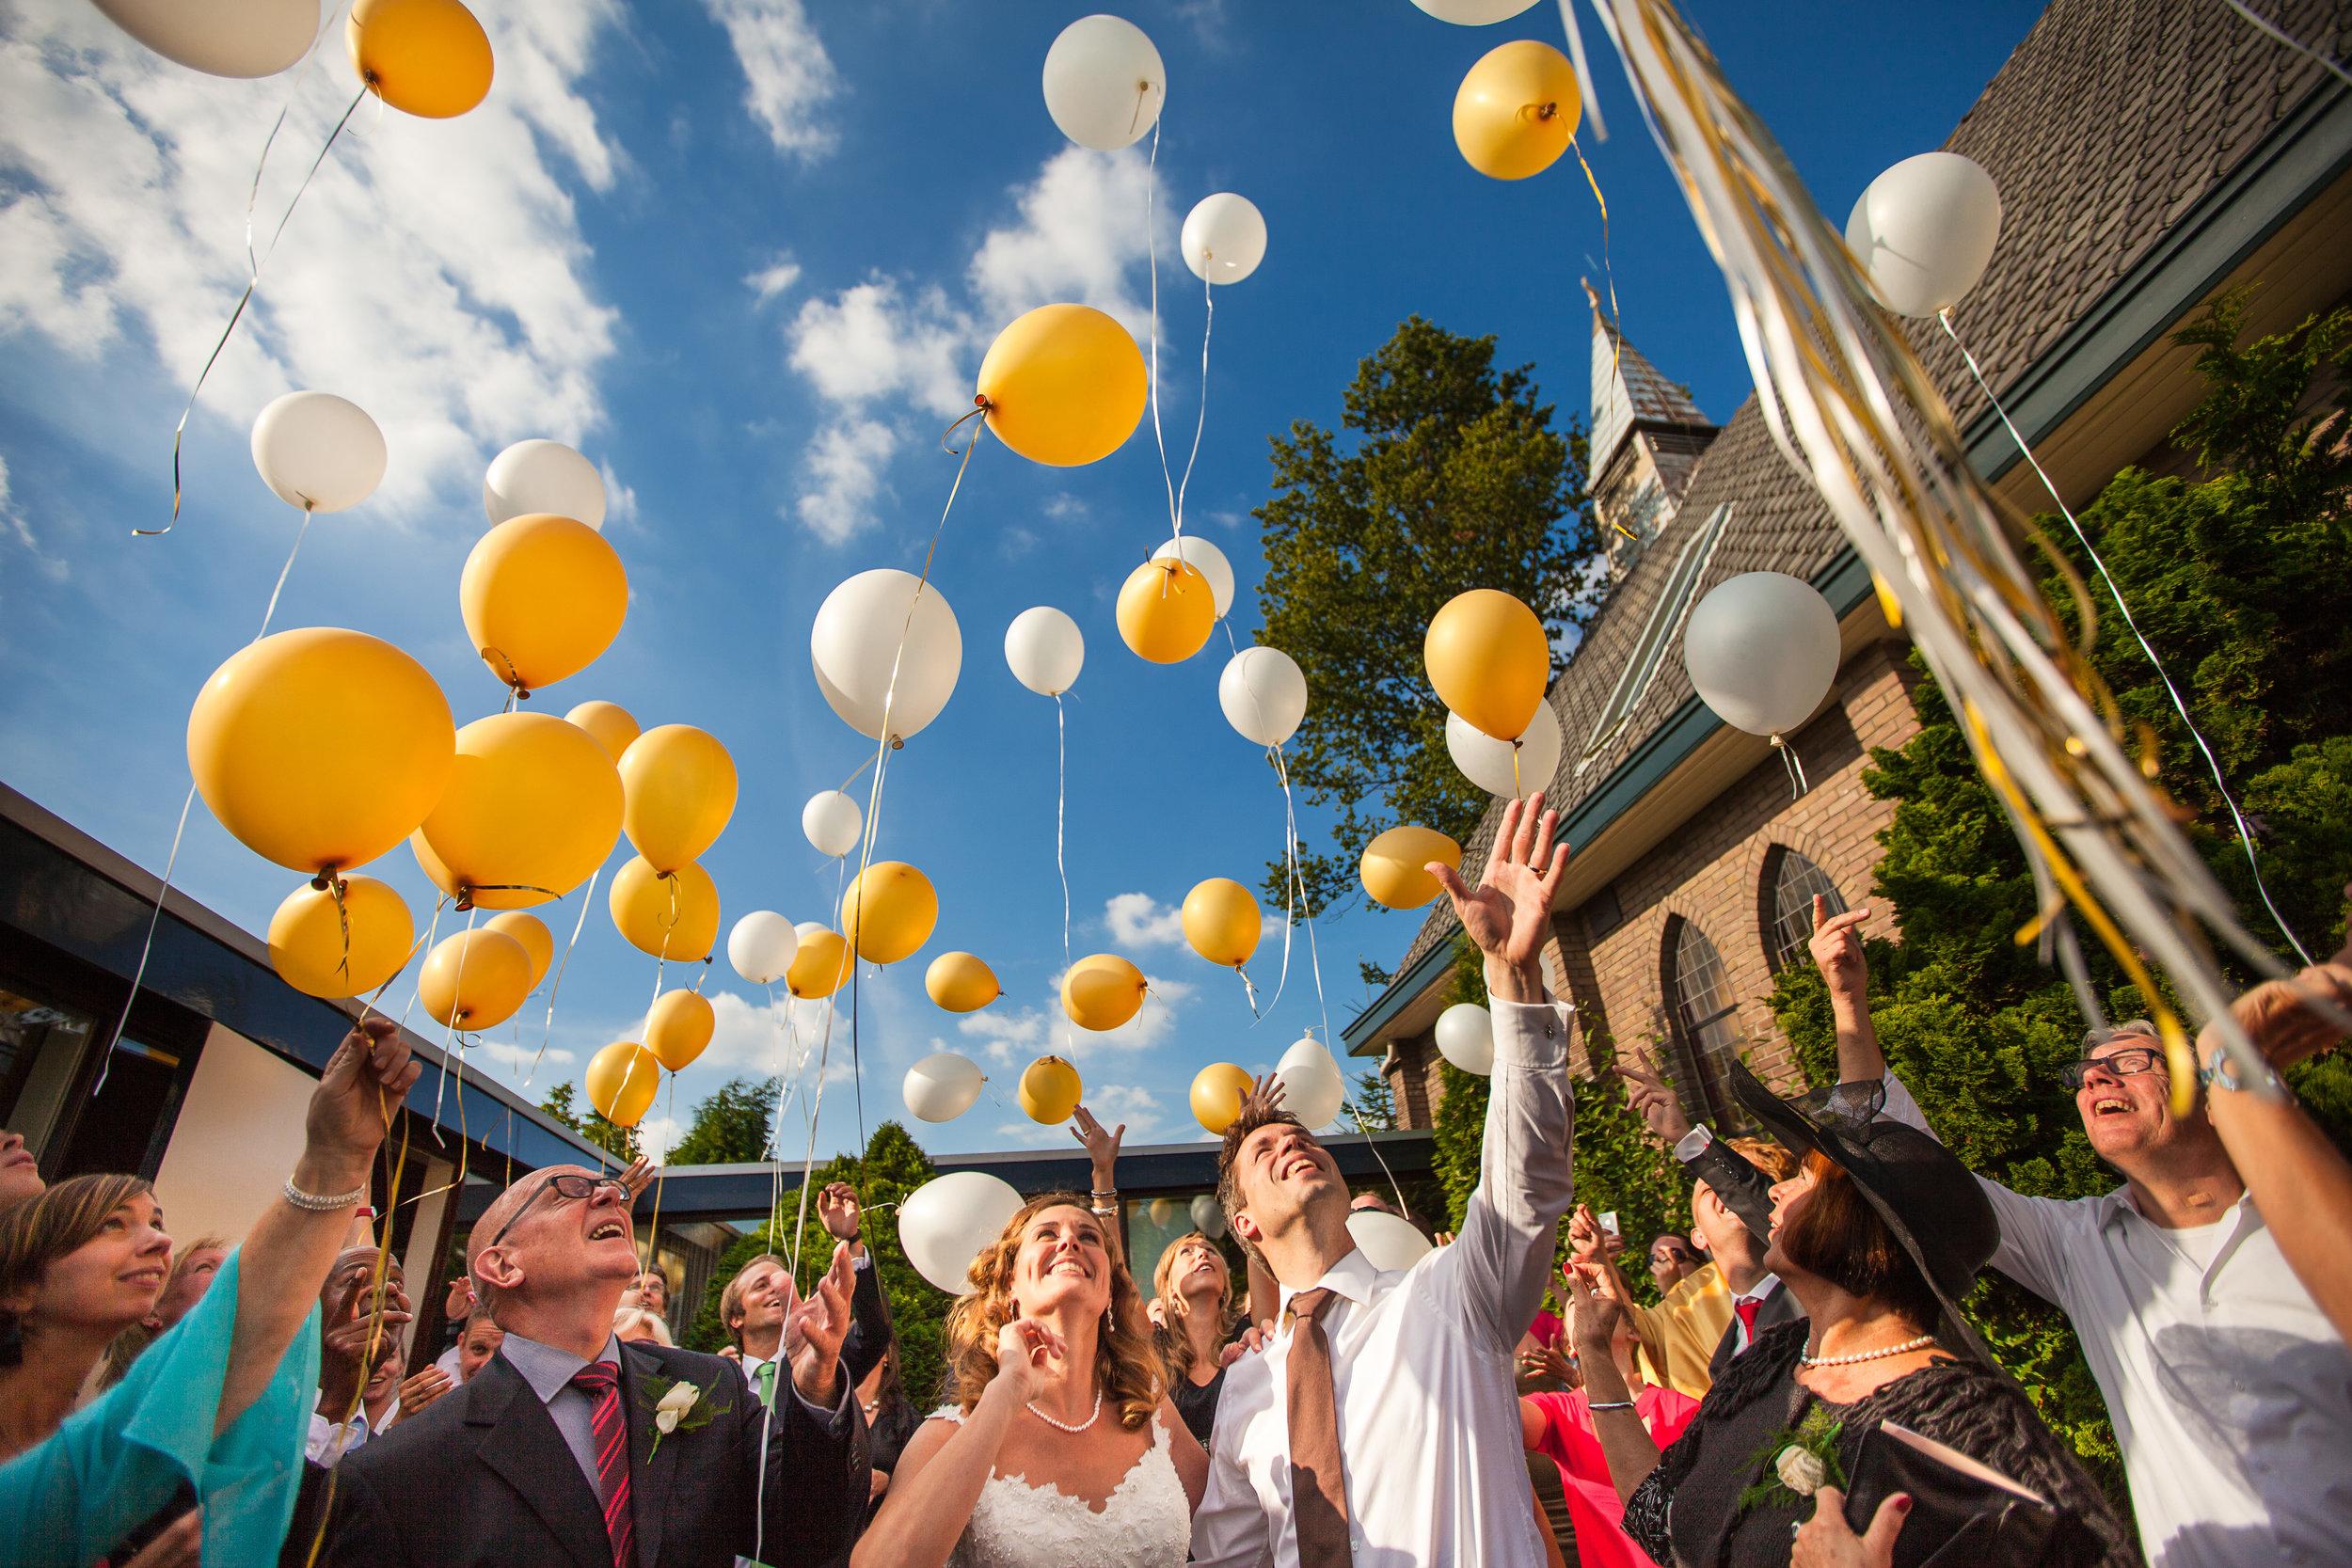 trouwshoot-bruidsfotografie-trouwfoto-feestfotografie-debora en joris-157.jpg